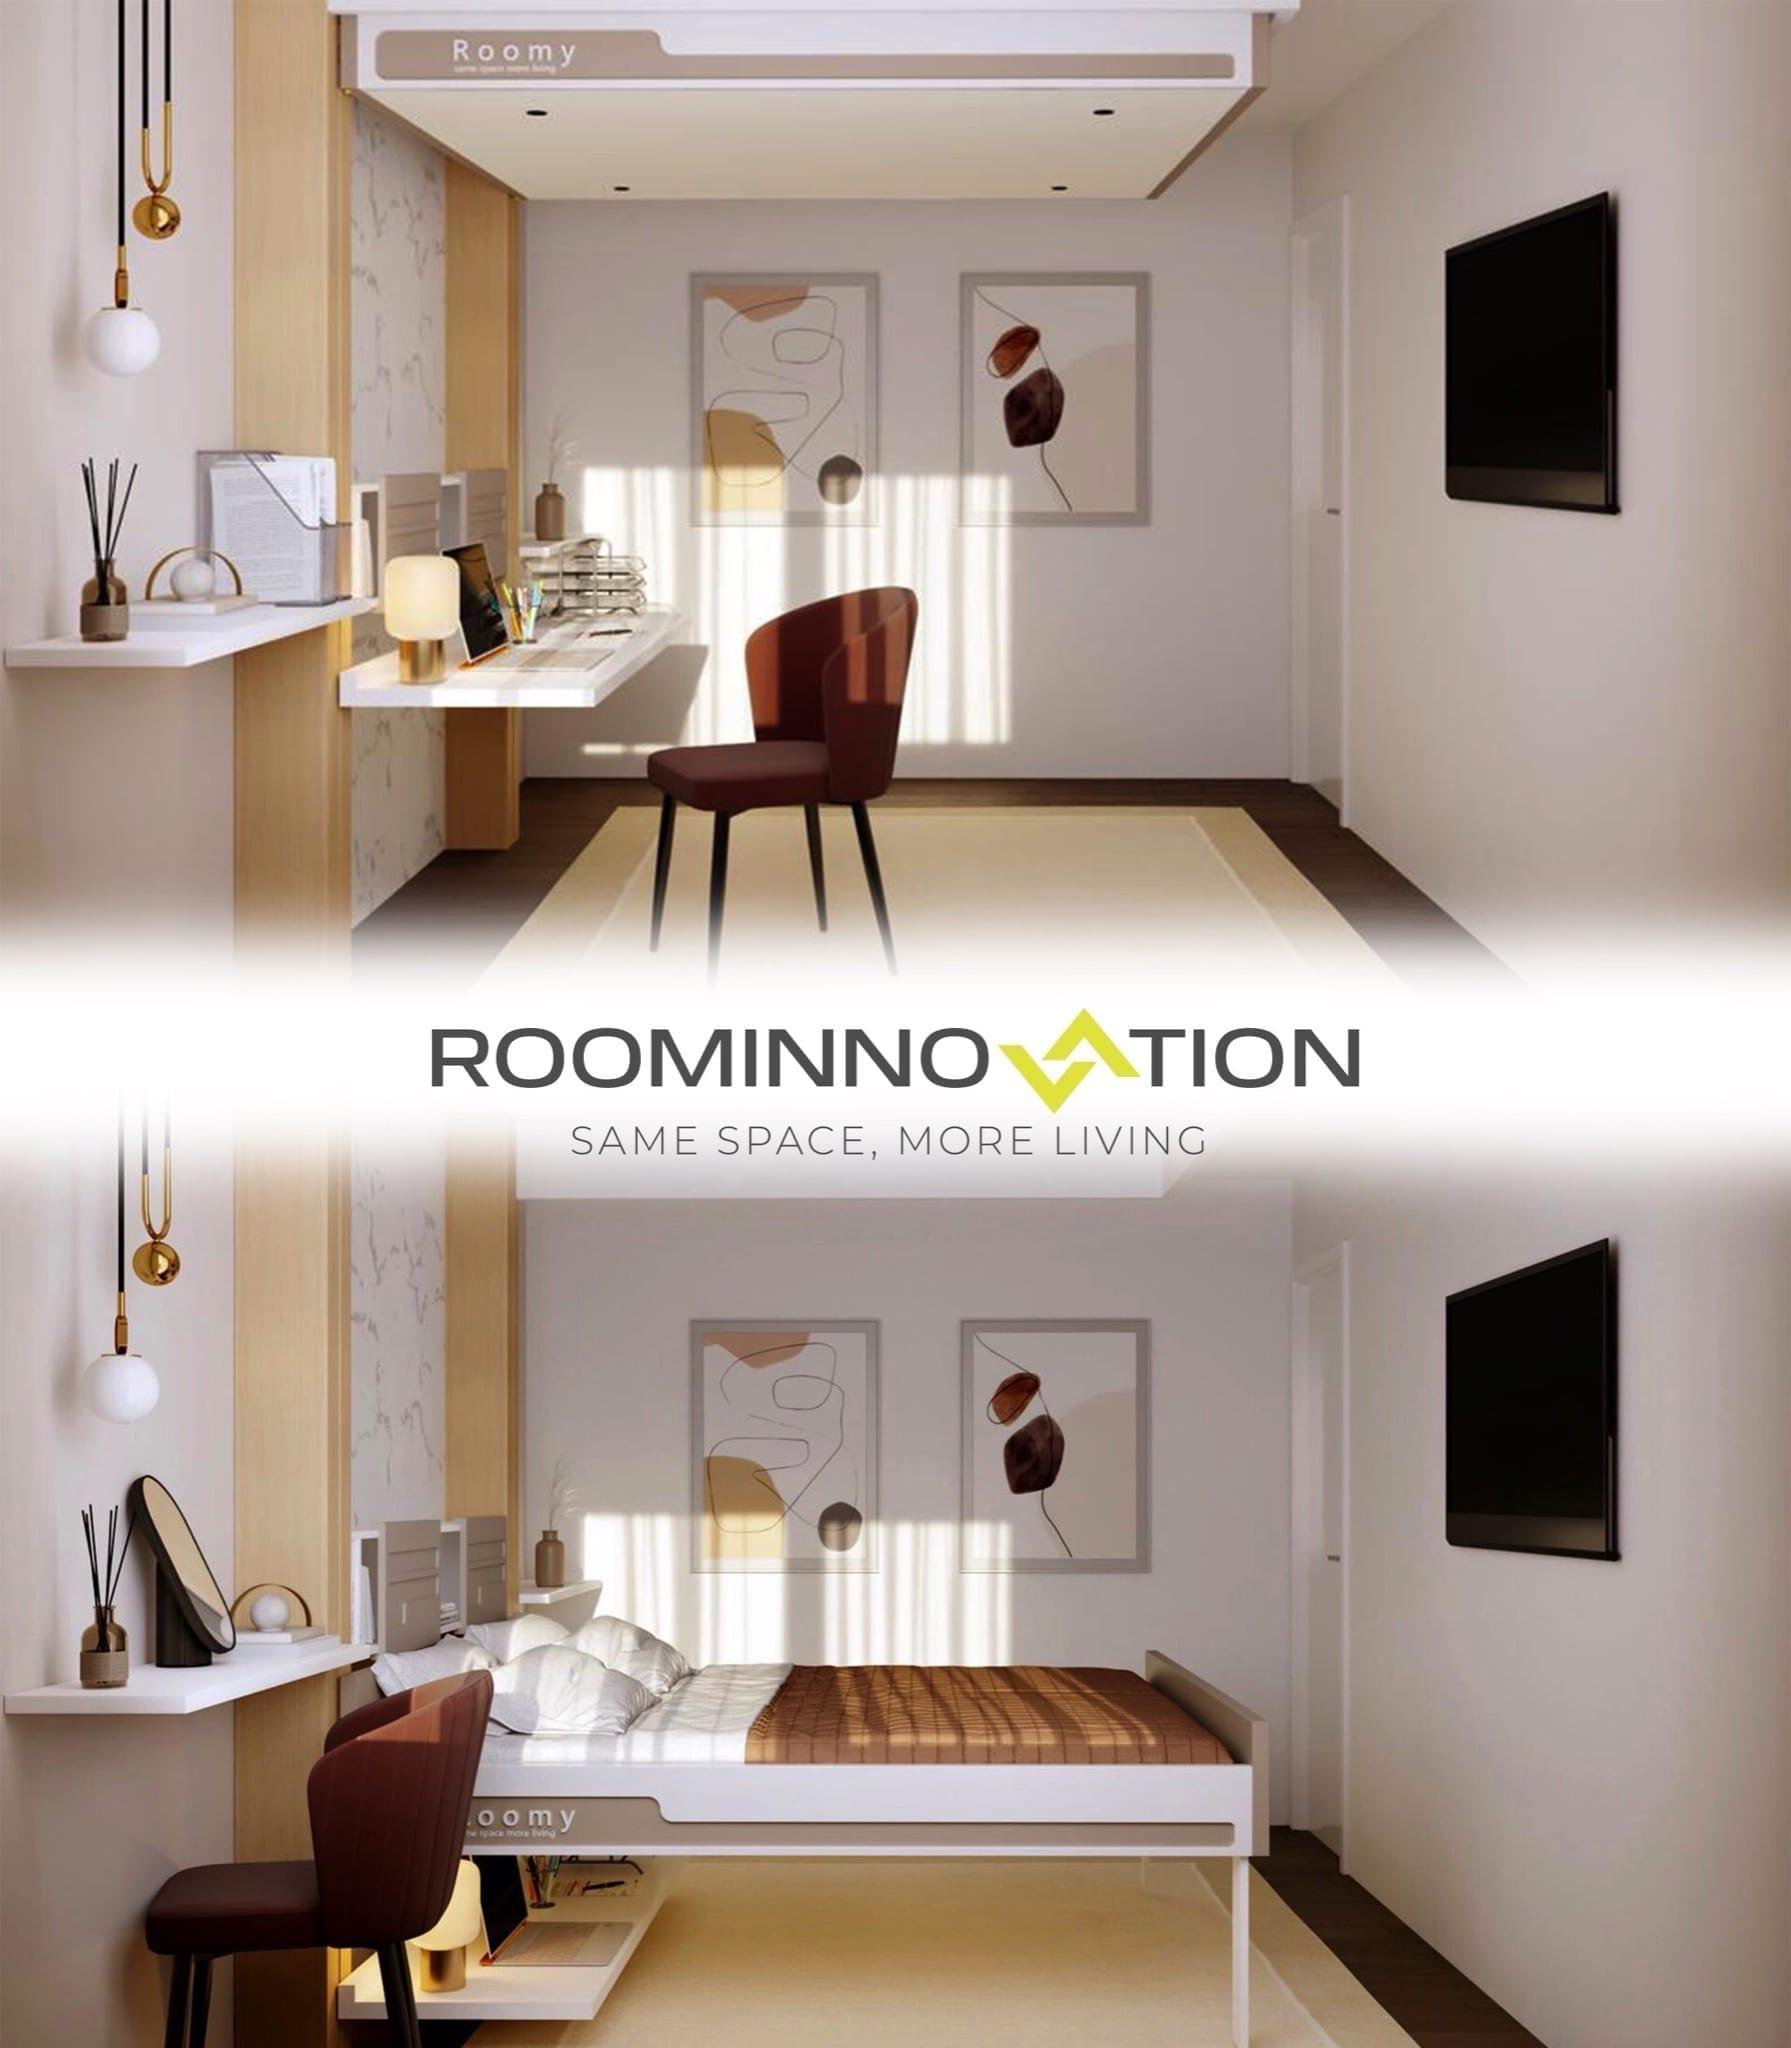 pat blur alb 1 copy - RoomInnovation, conceptul inovator care revoluționează conceptul clasic de apartament